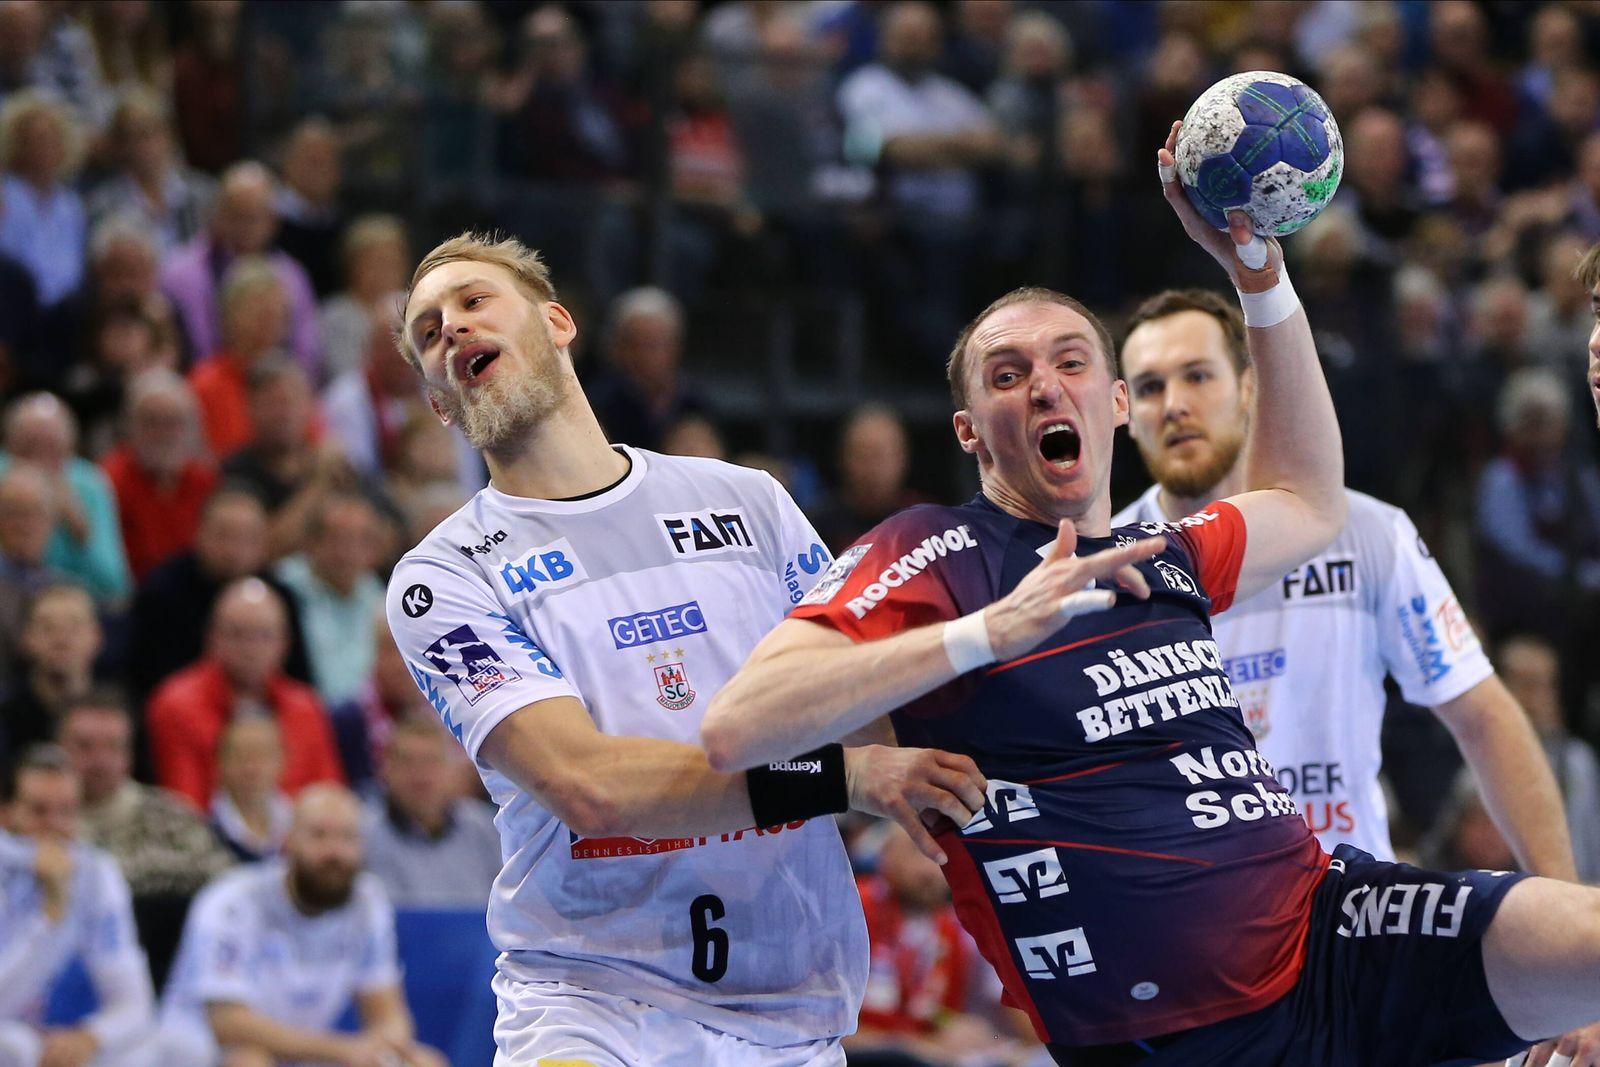 SG Flensburg-Handewitt vs SC Magdeburg, LIQUI-MOLY Handball Bundesliga, 02.02.2020; Flensburg Matthias Musche (SC Magde